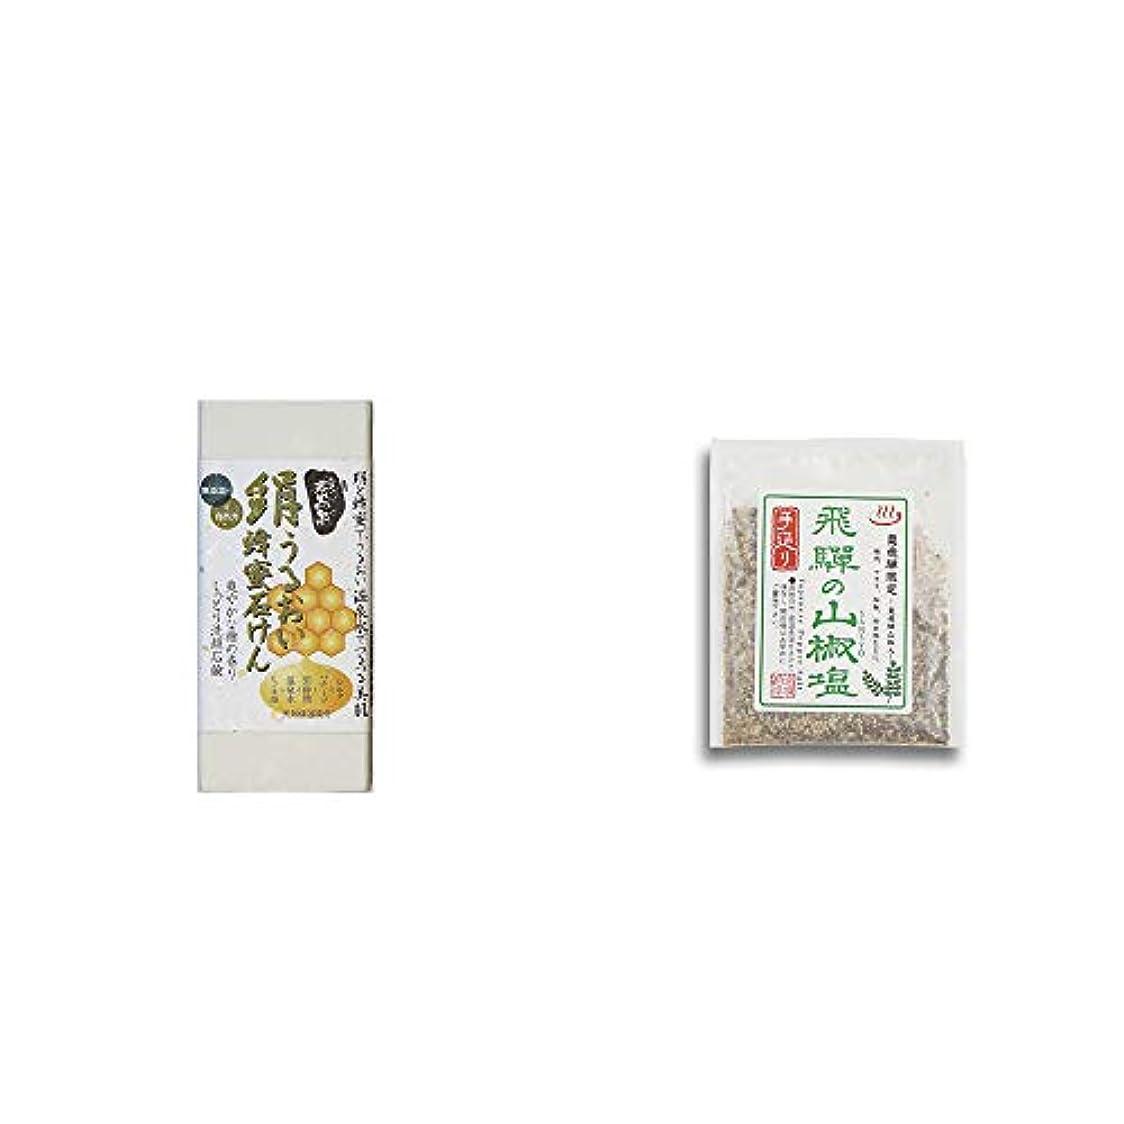 ニコチン競争スナック[2点セット] ひのき炭黒泉 絹うるおい蜂蜜石けん(75g×2)?手造り 飛騨の山椒塩(40g)